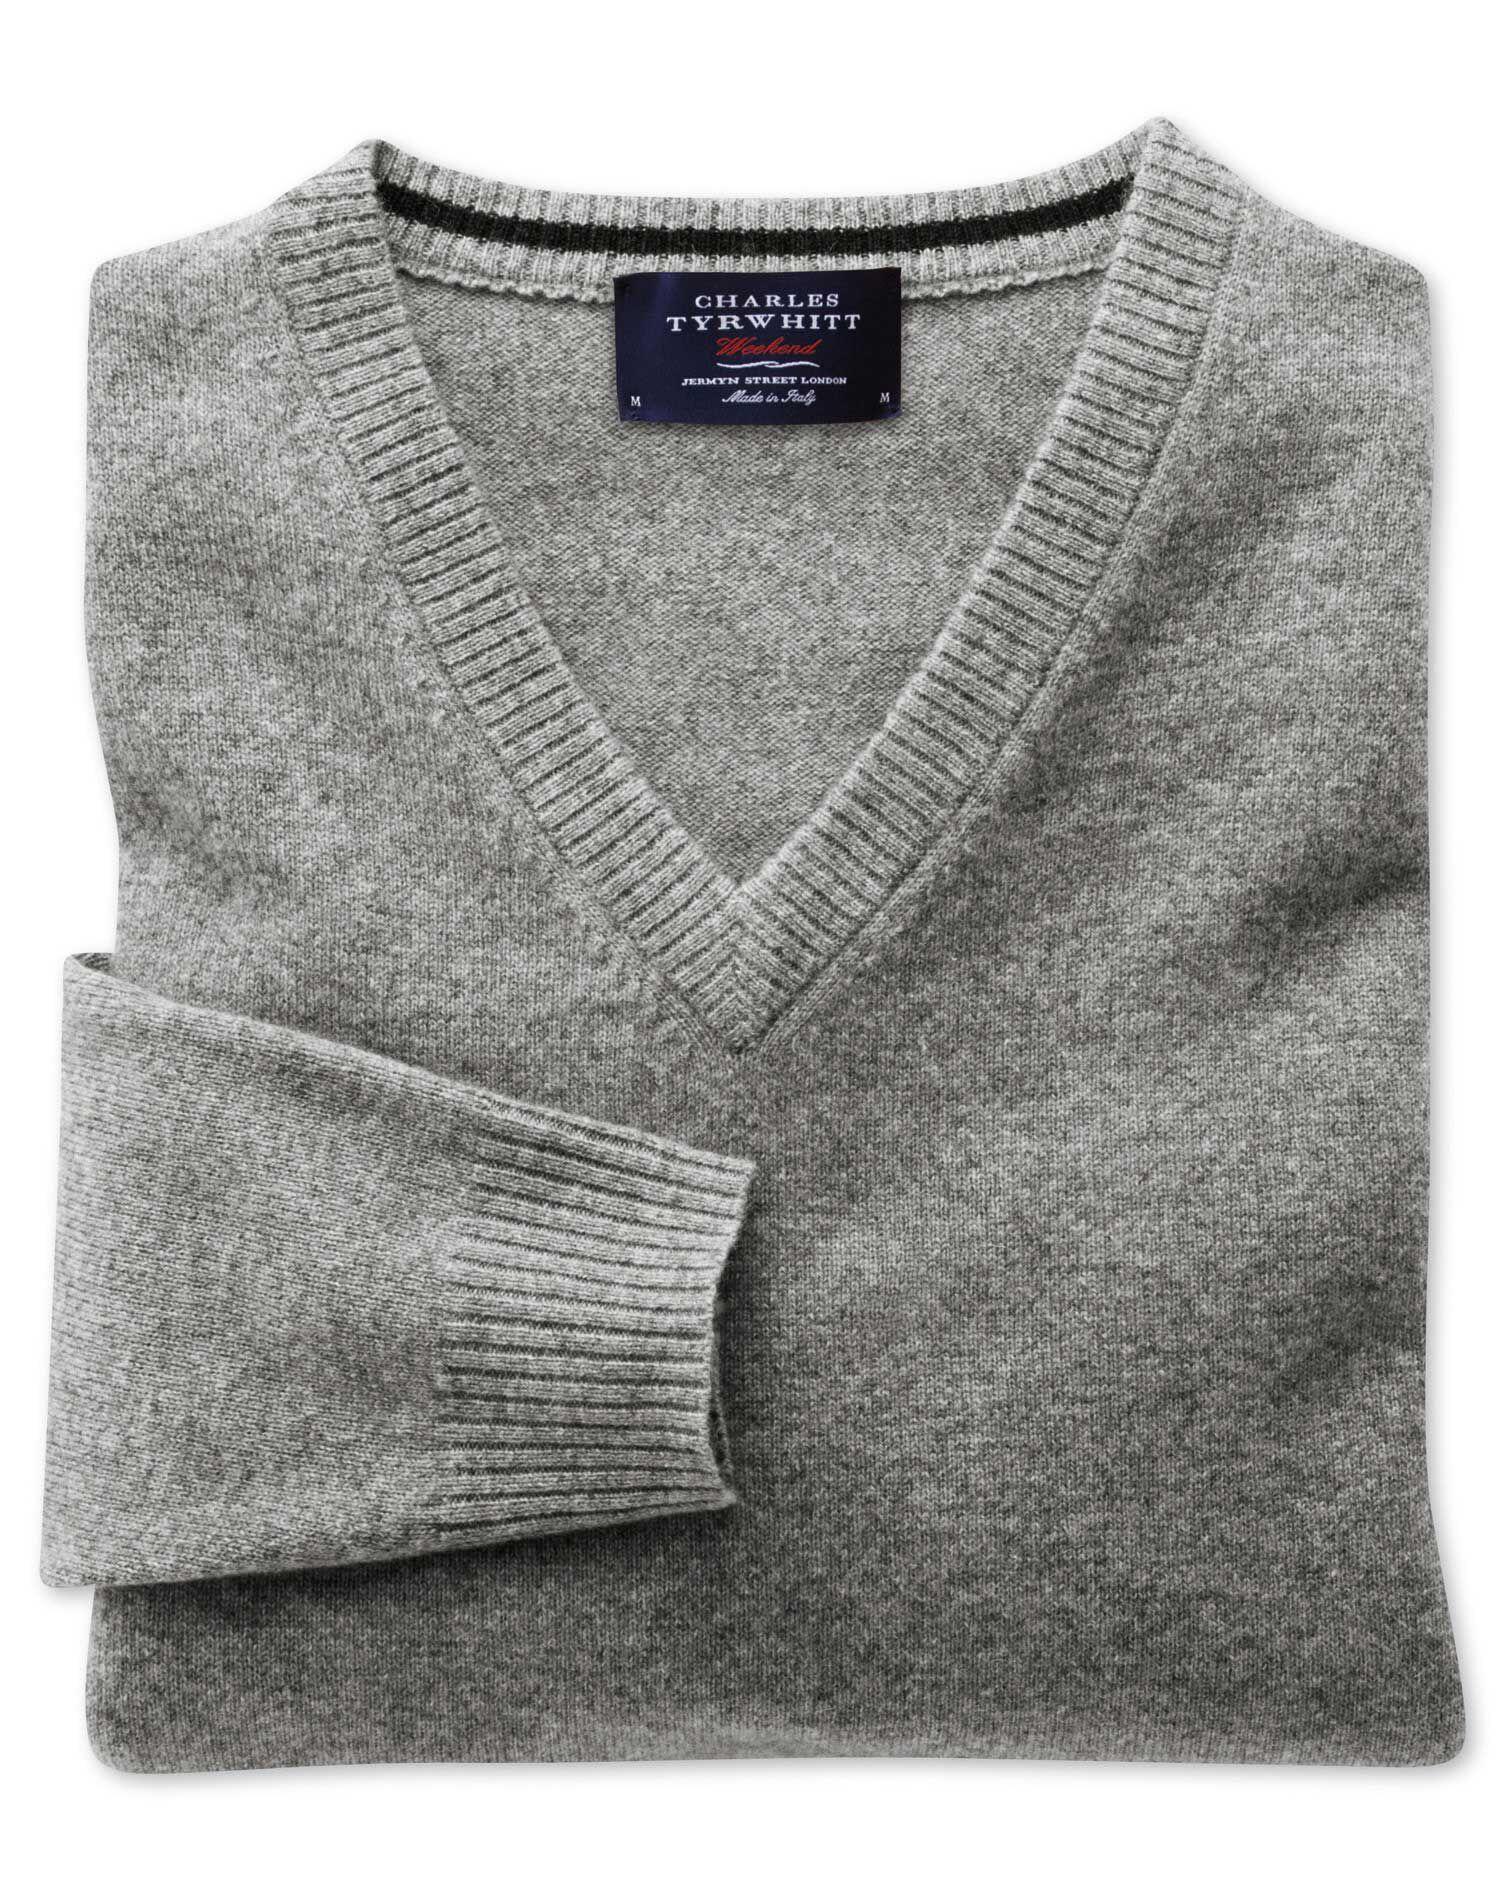 kaschmir pullover mit v ausschnitt in grau g nstig schnell einkaufen. Black Bedroom Furniture Sets. Home Design Ideas